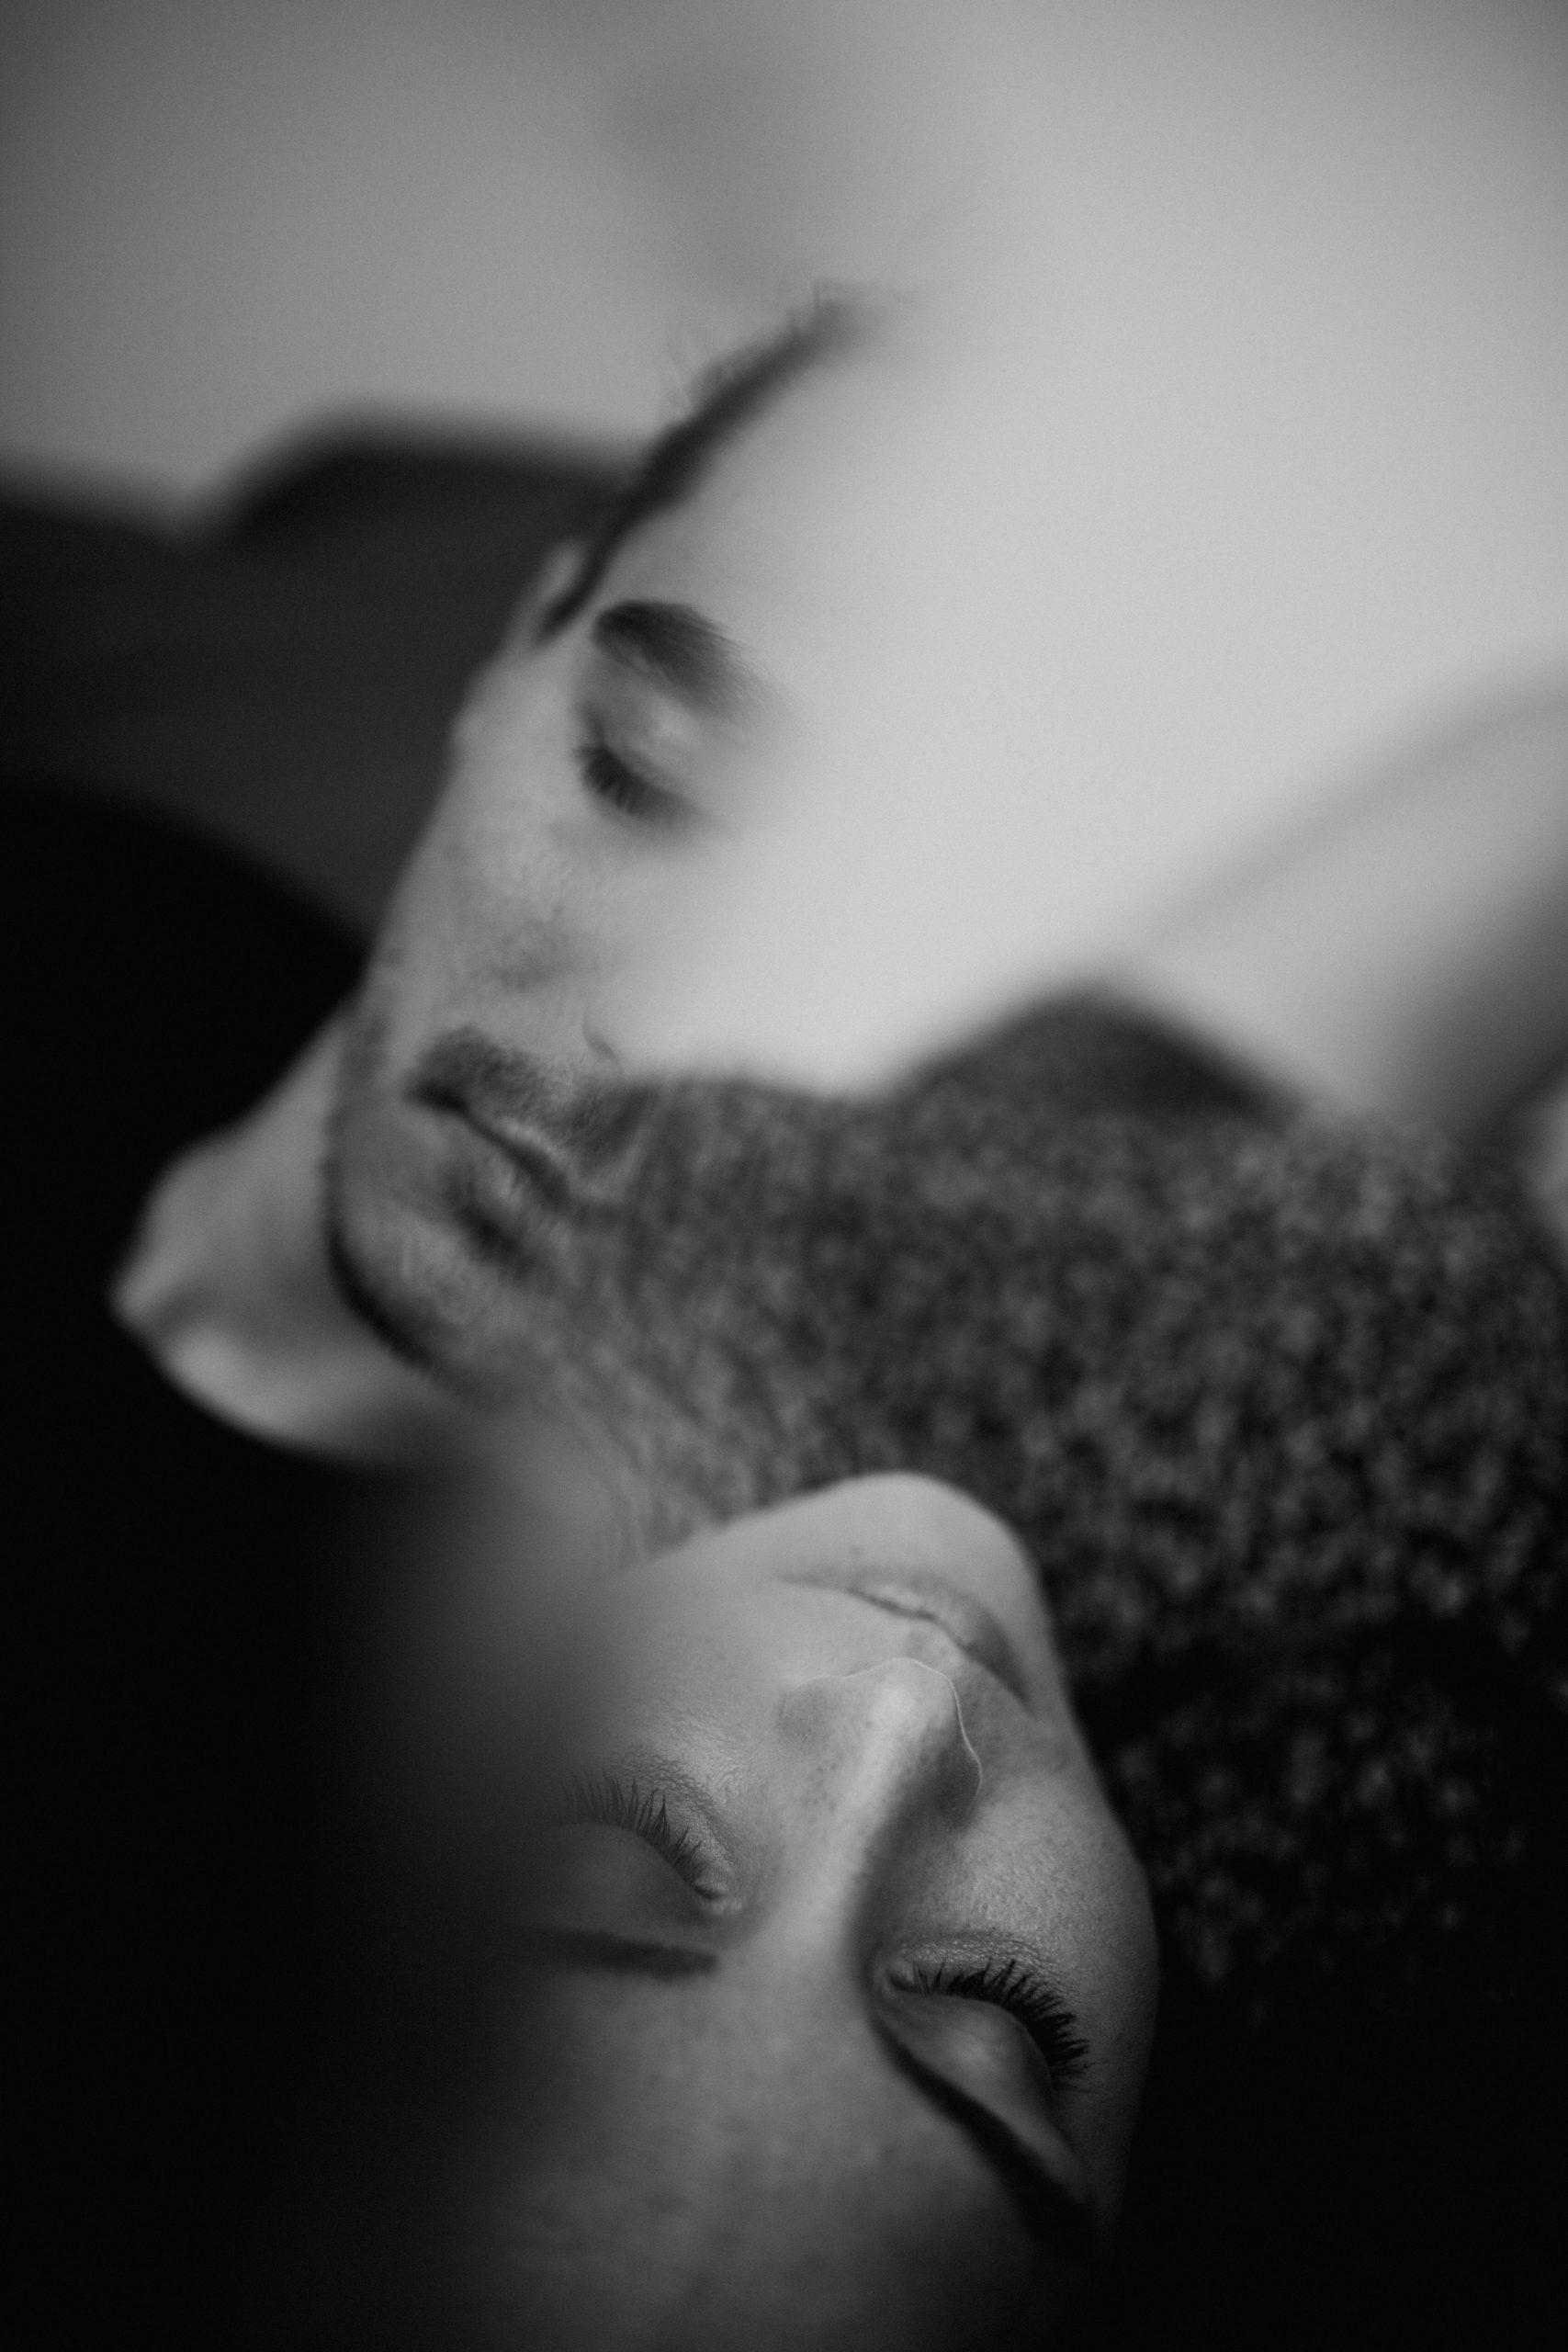 autoportraits confines 7 scaled - Confinement créatif, notre séance autoportrait en couple.